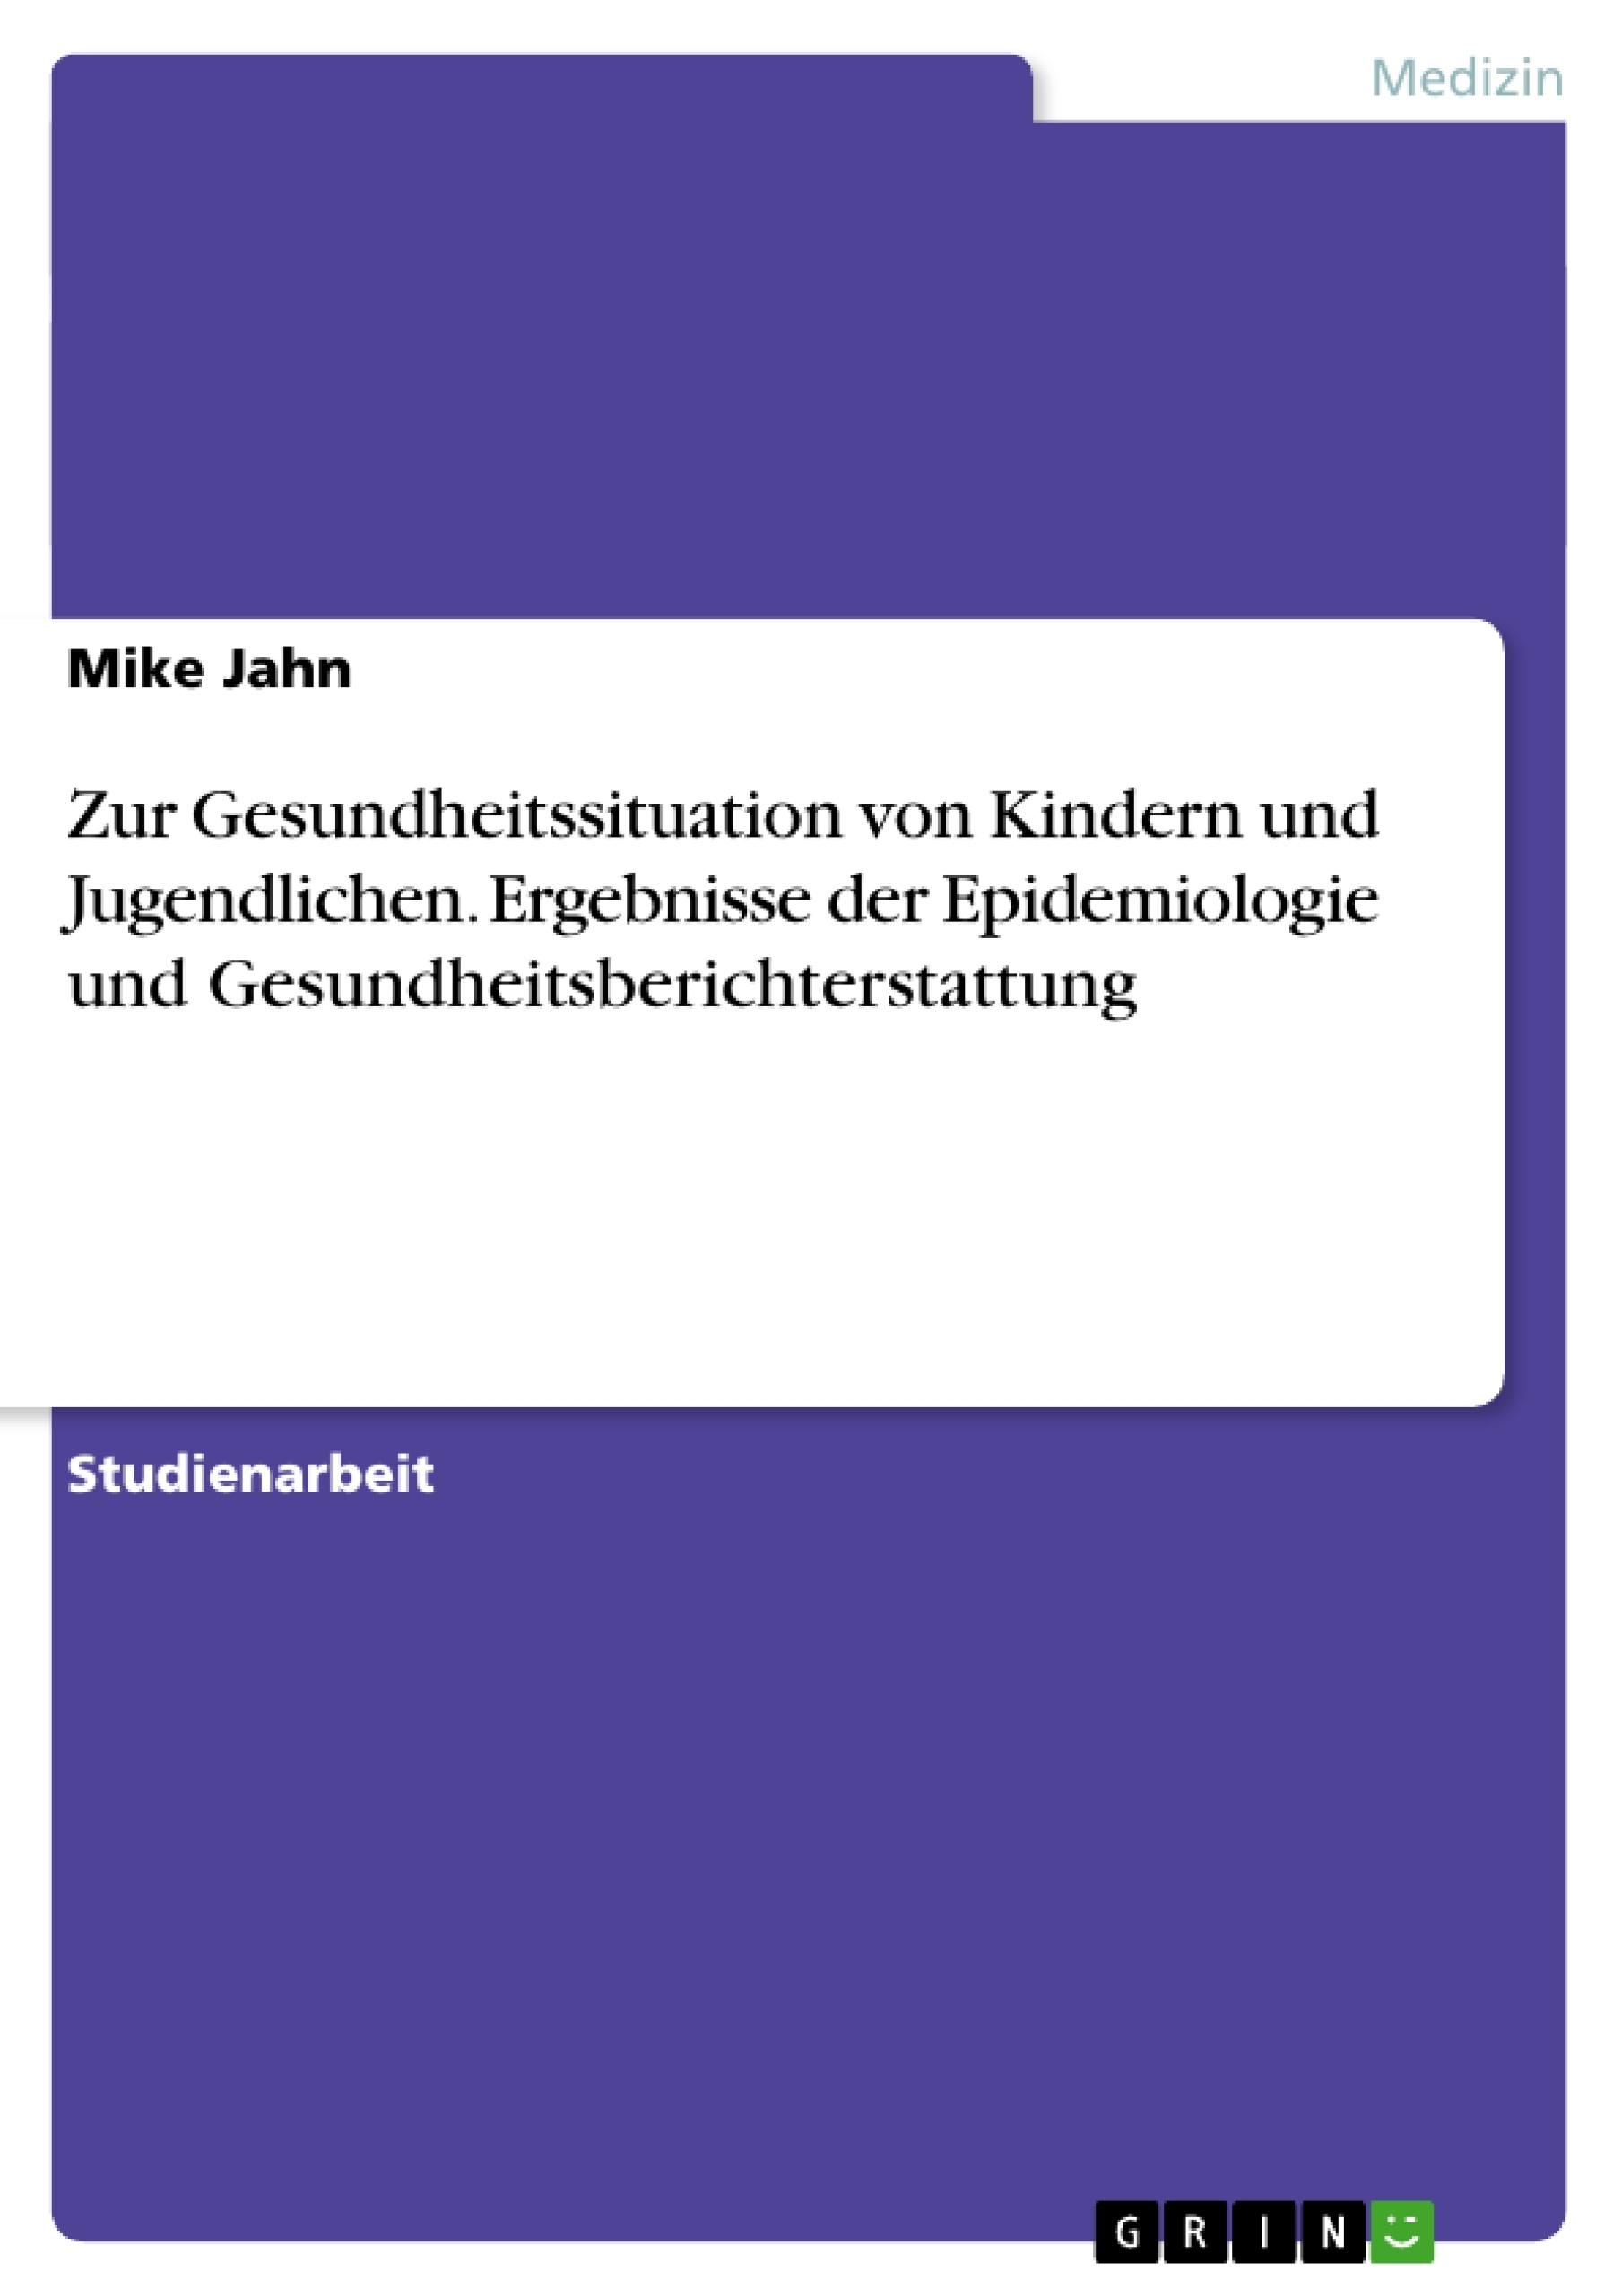 Titel: Zur Gesundheitssituation von Kindern und Jugendlichen. Ergebnisse der Epidemiologie und Gesundheitsberichterstattung